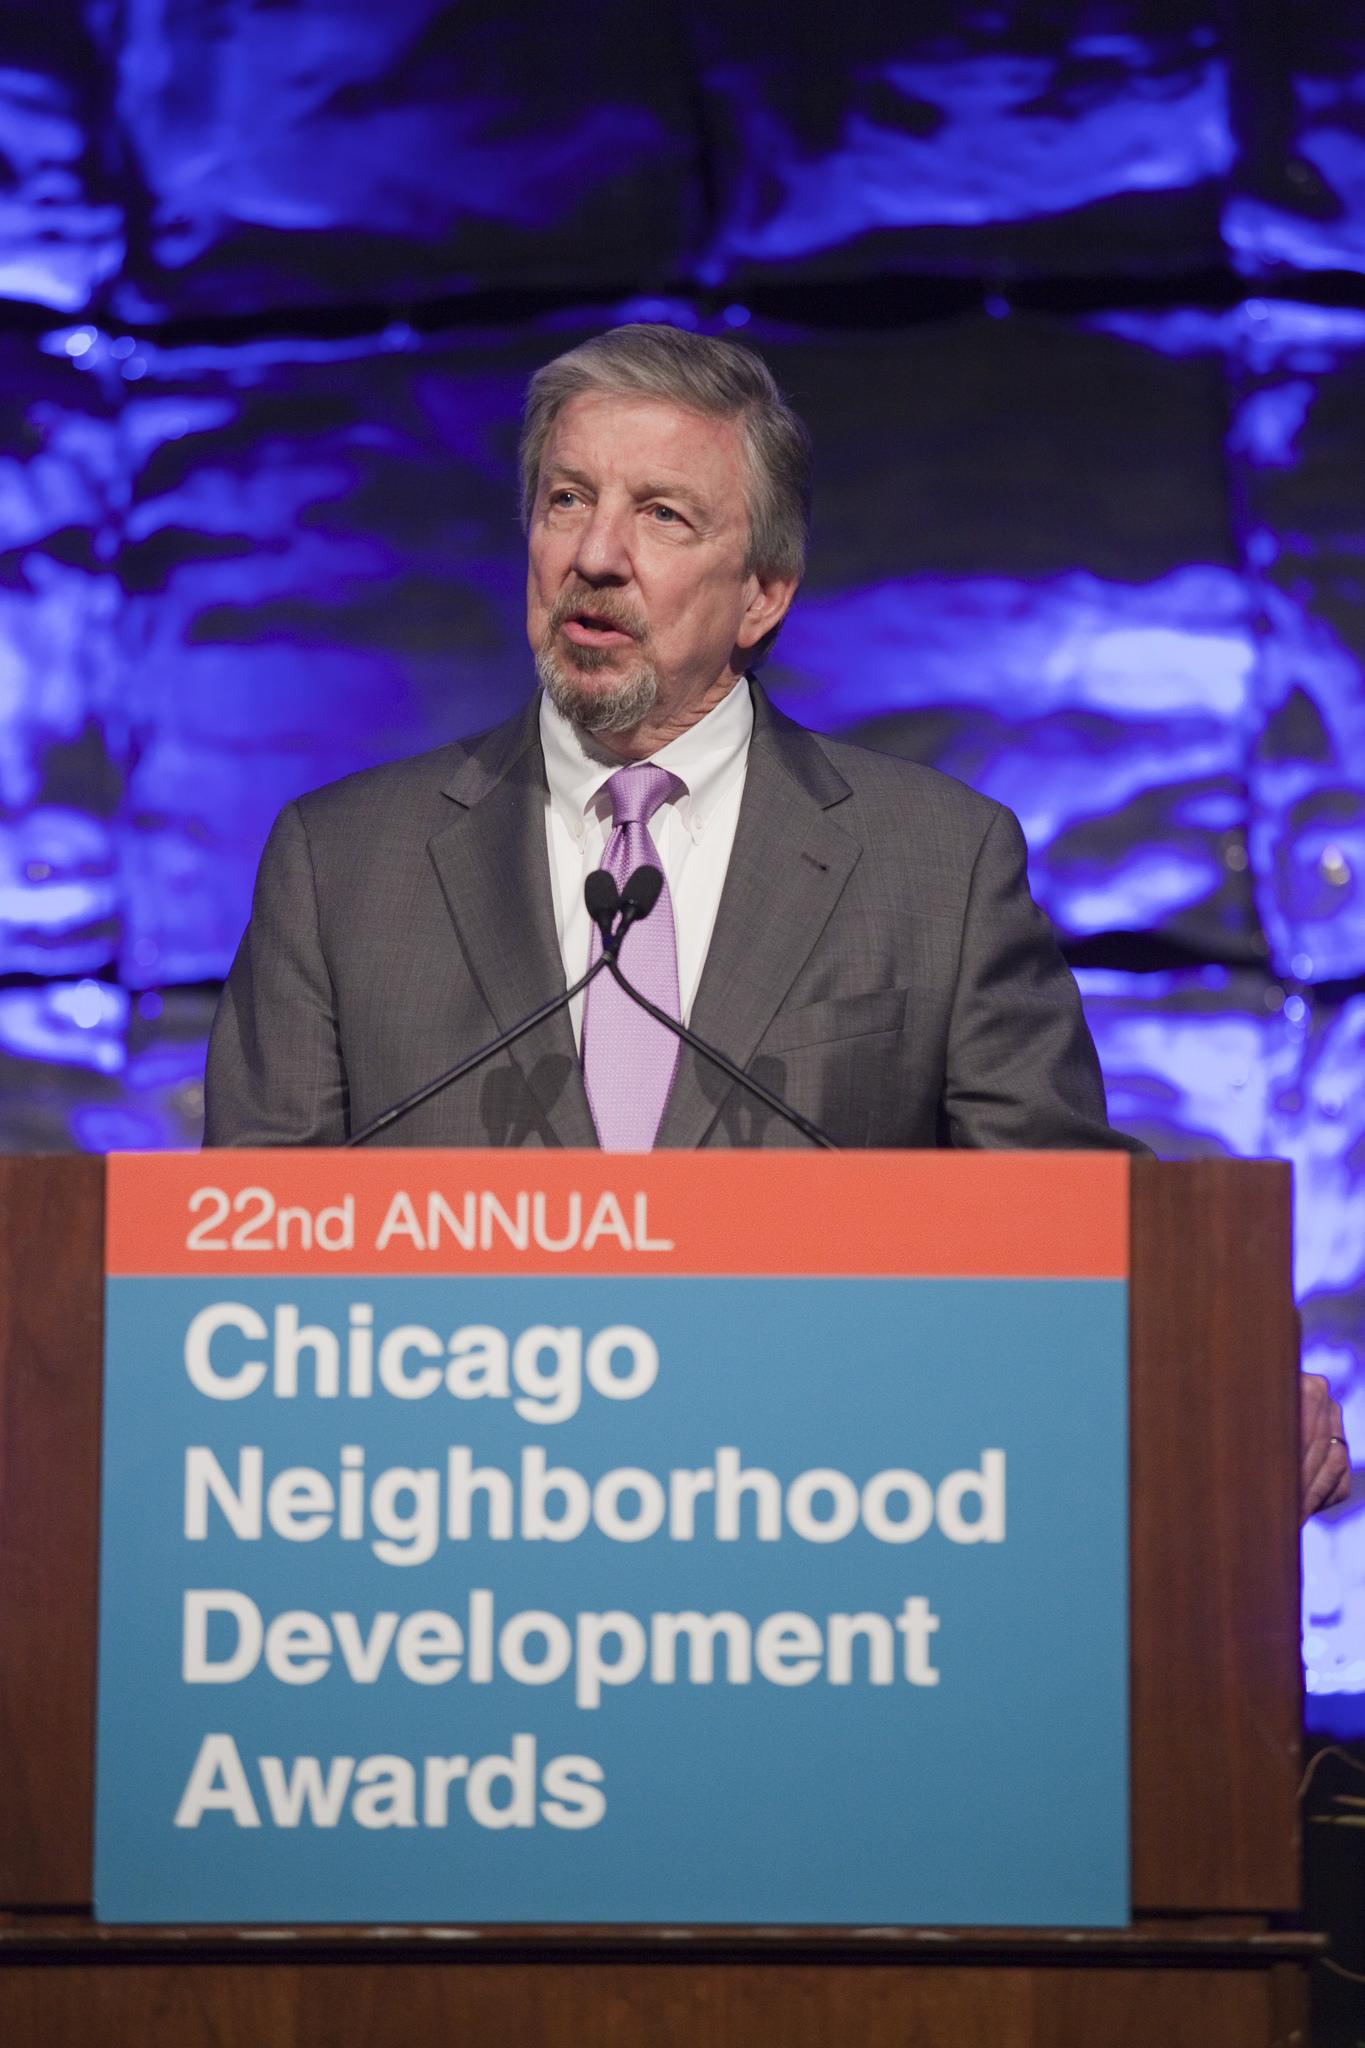 Michael-Rubinger-National-LISC-CEO.jpg